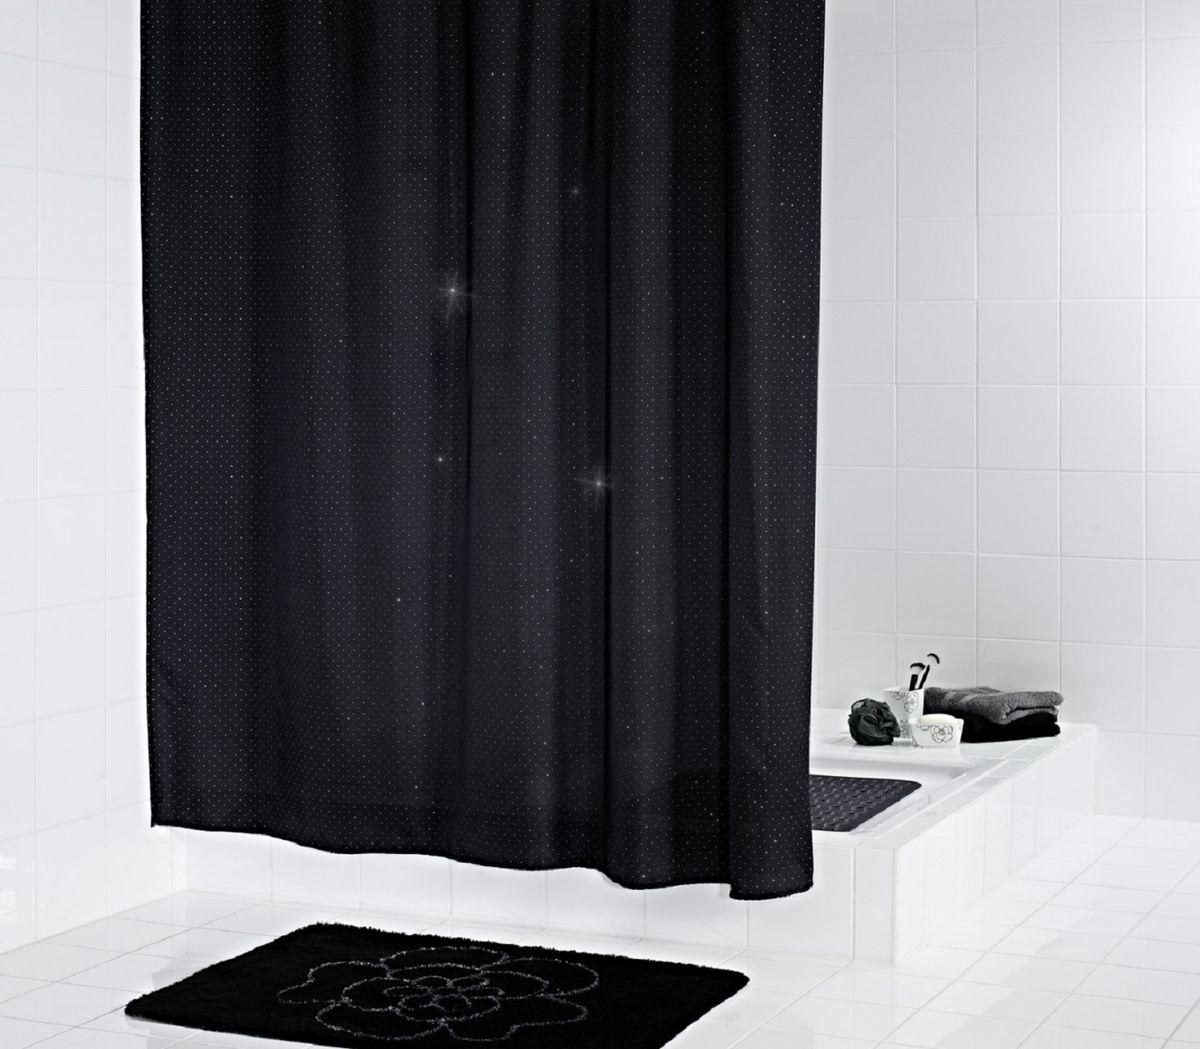 Штора для ванной комнаты Ridder Diamond , цвет: черный , 180 х 200 см48300Нижний кант утяжелен каучуковой лентой.На текстильную штору наносится антигрибковое, антистатическое покрытие. Стирка/глажка при низкой температуре.